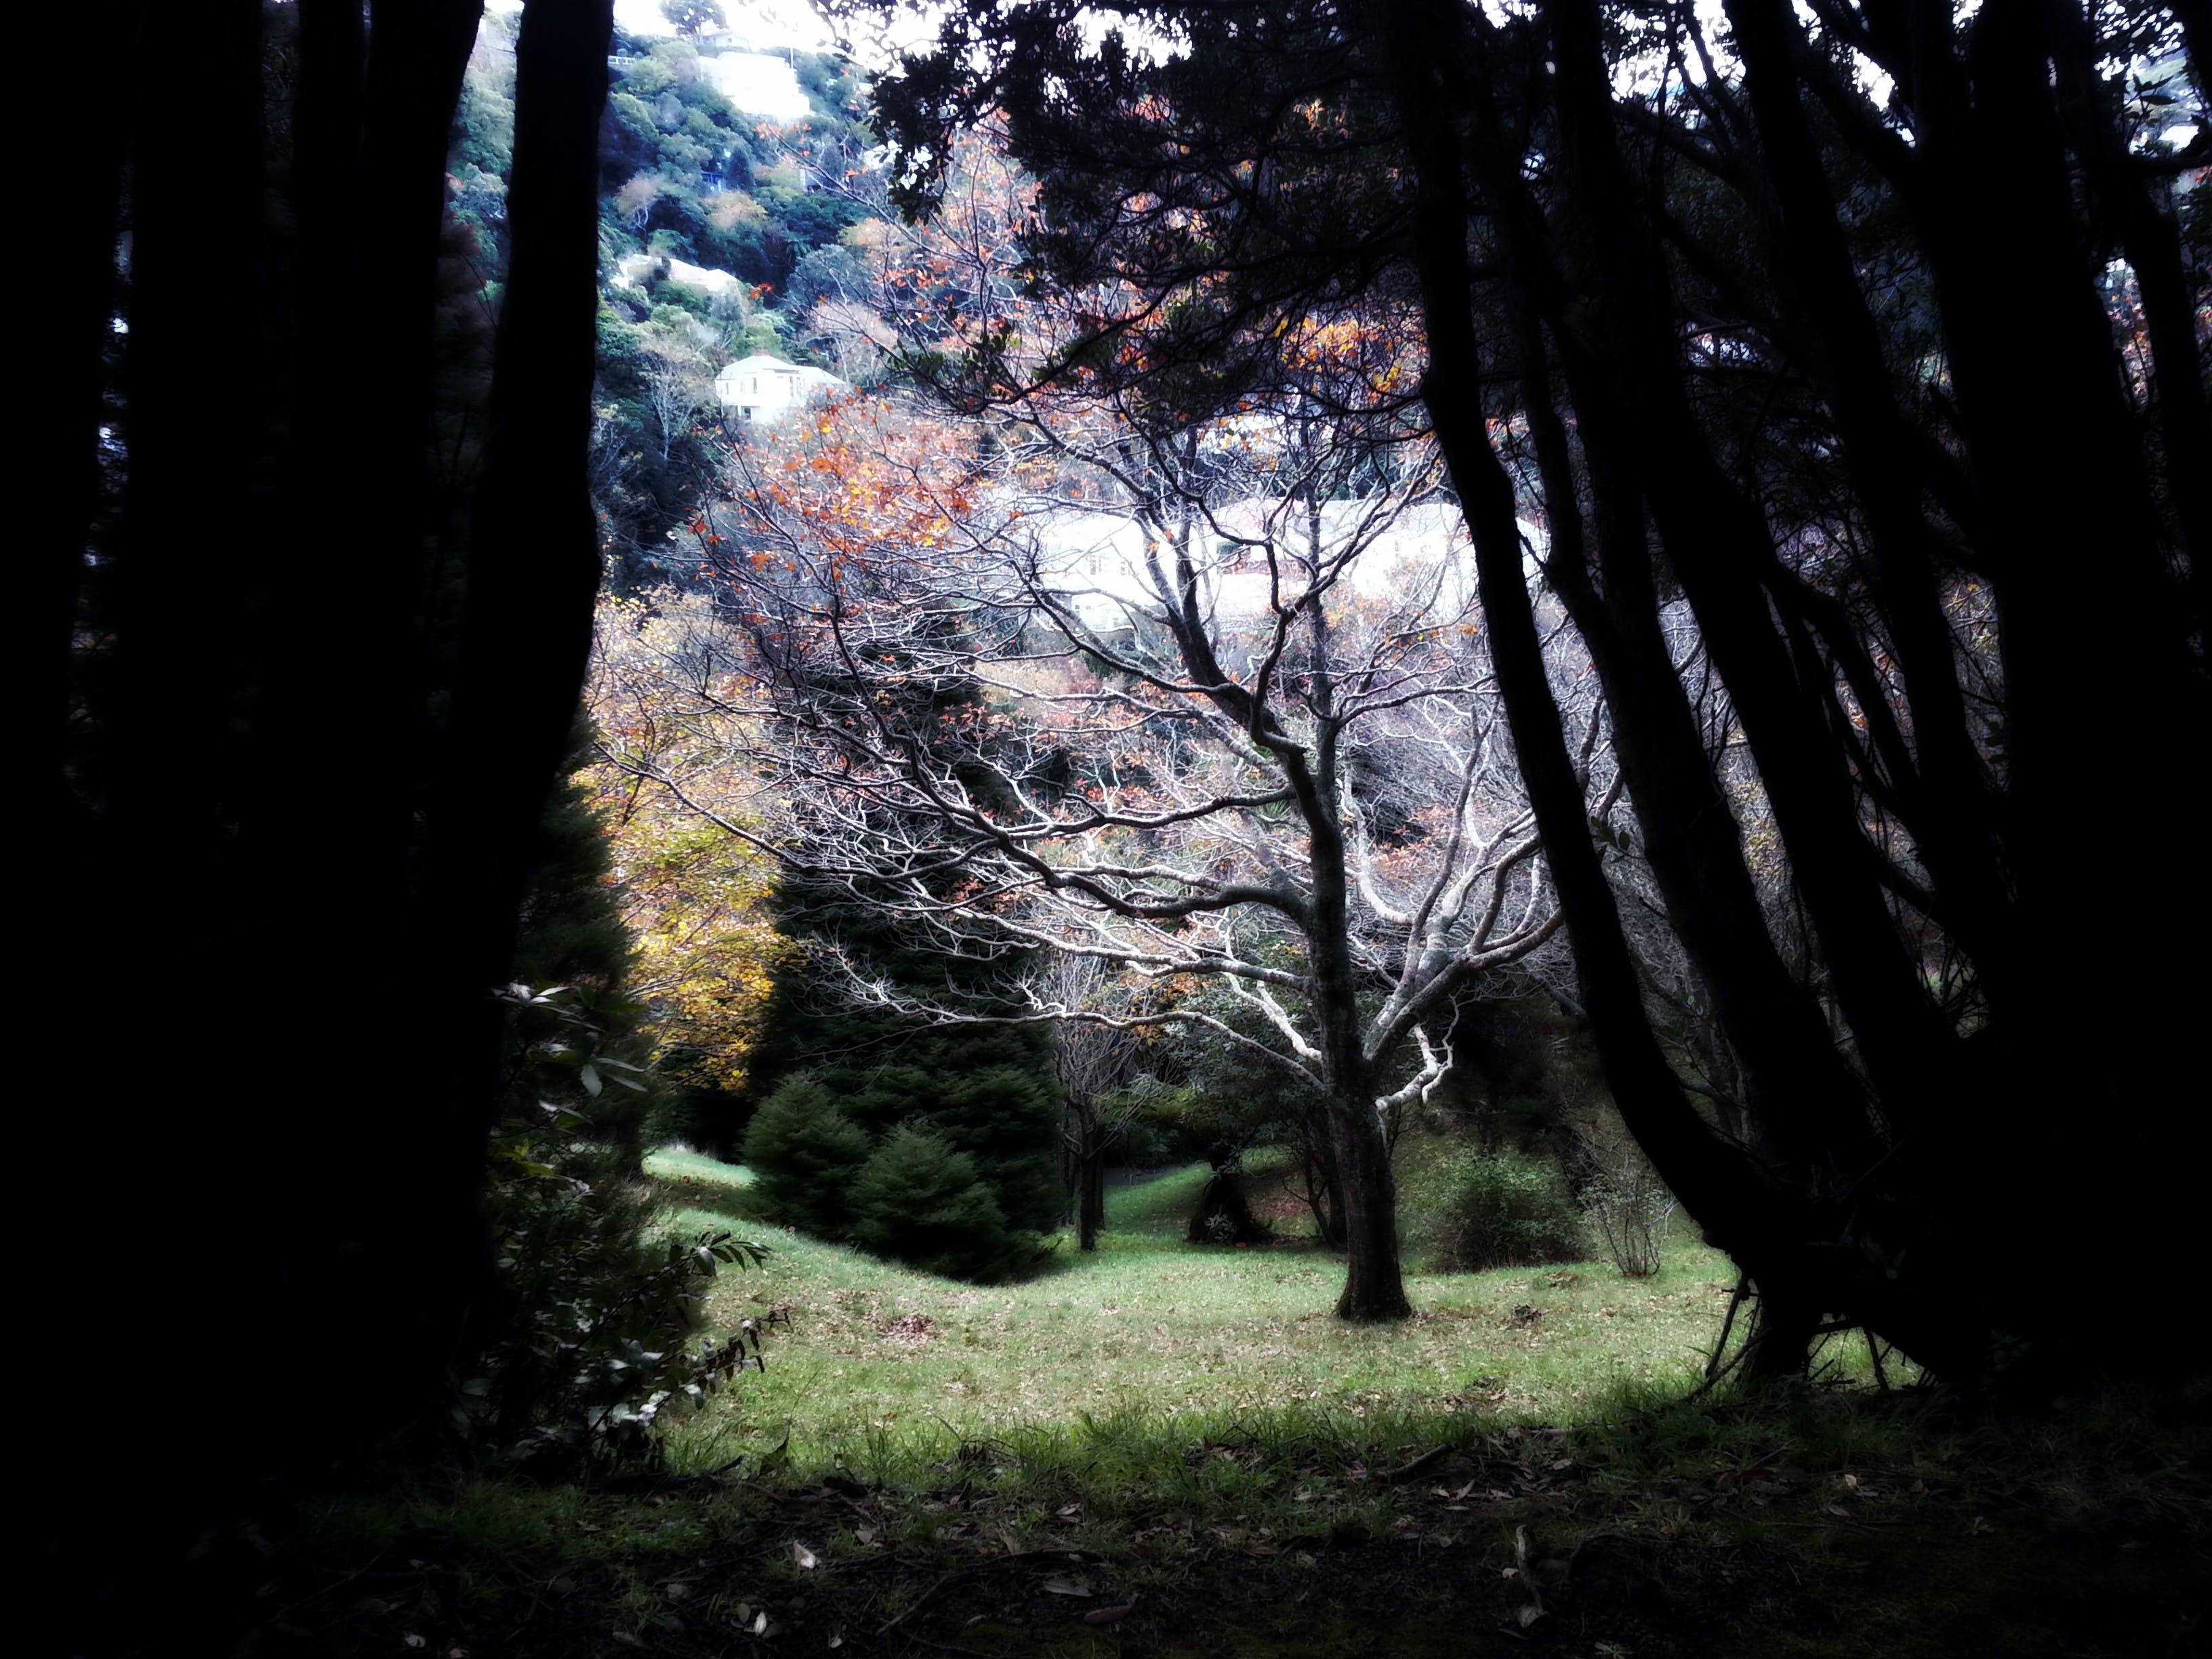 backlit, dark, dawn